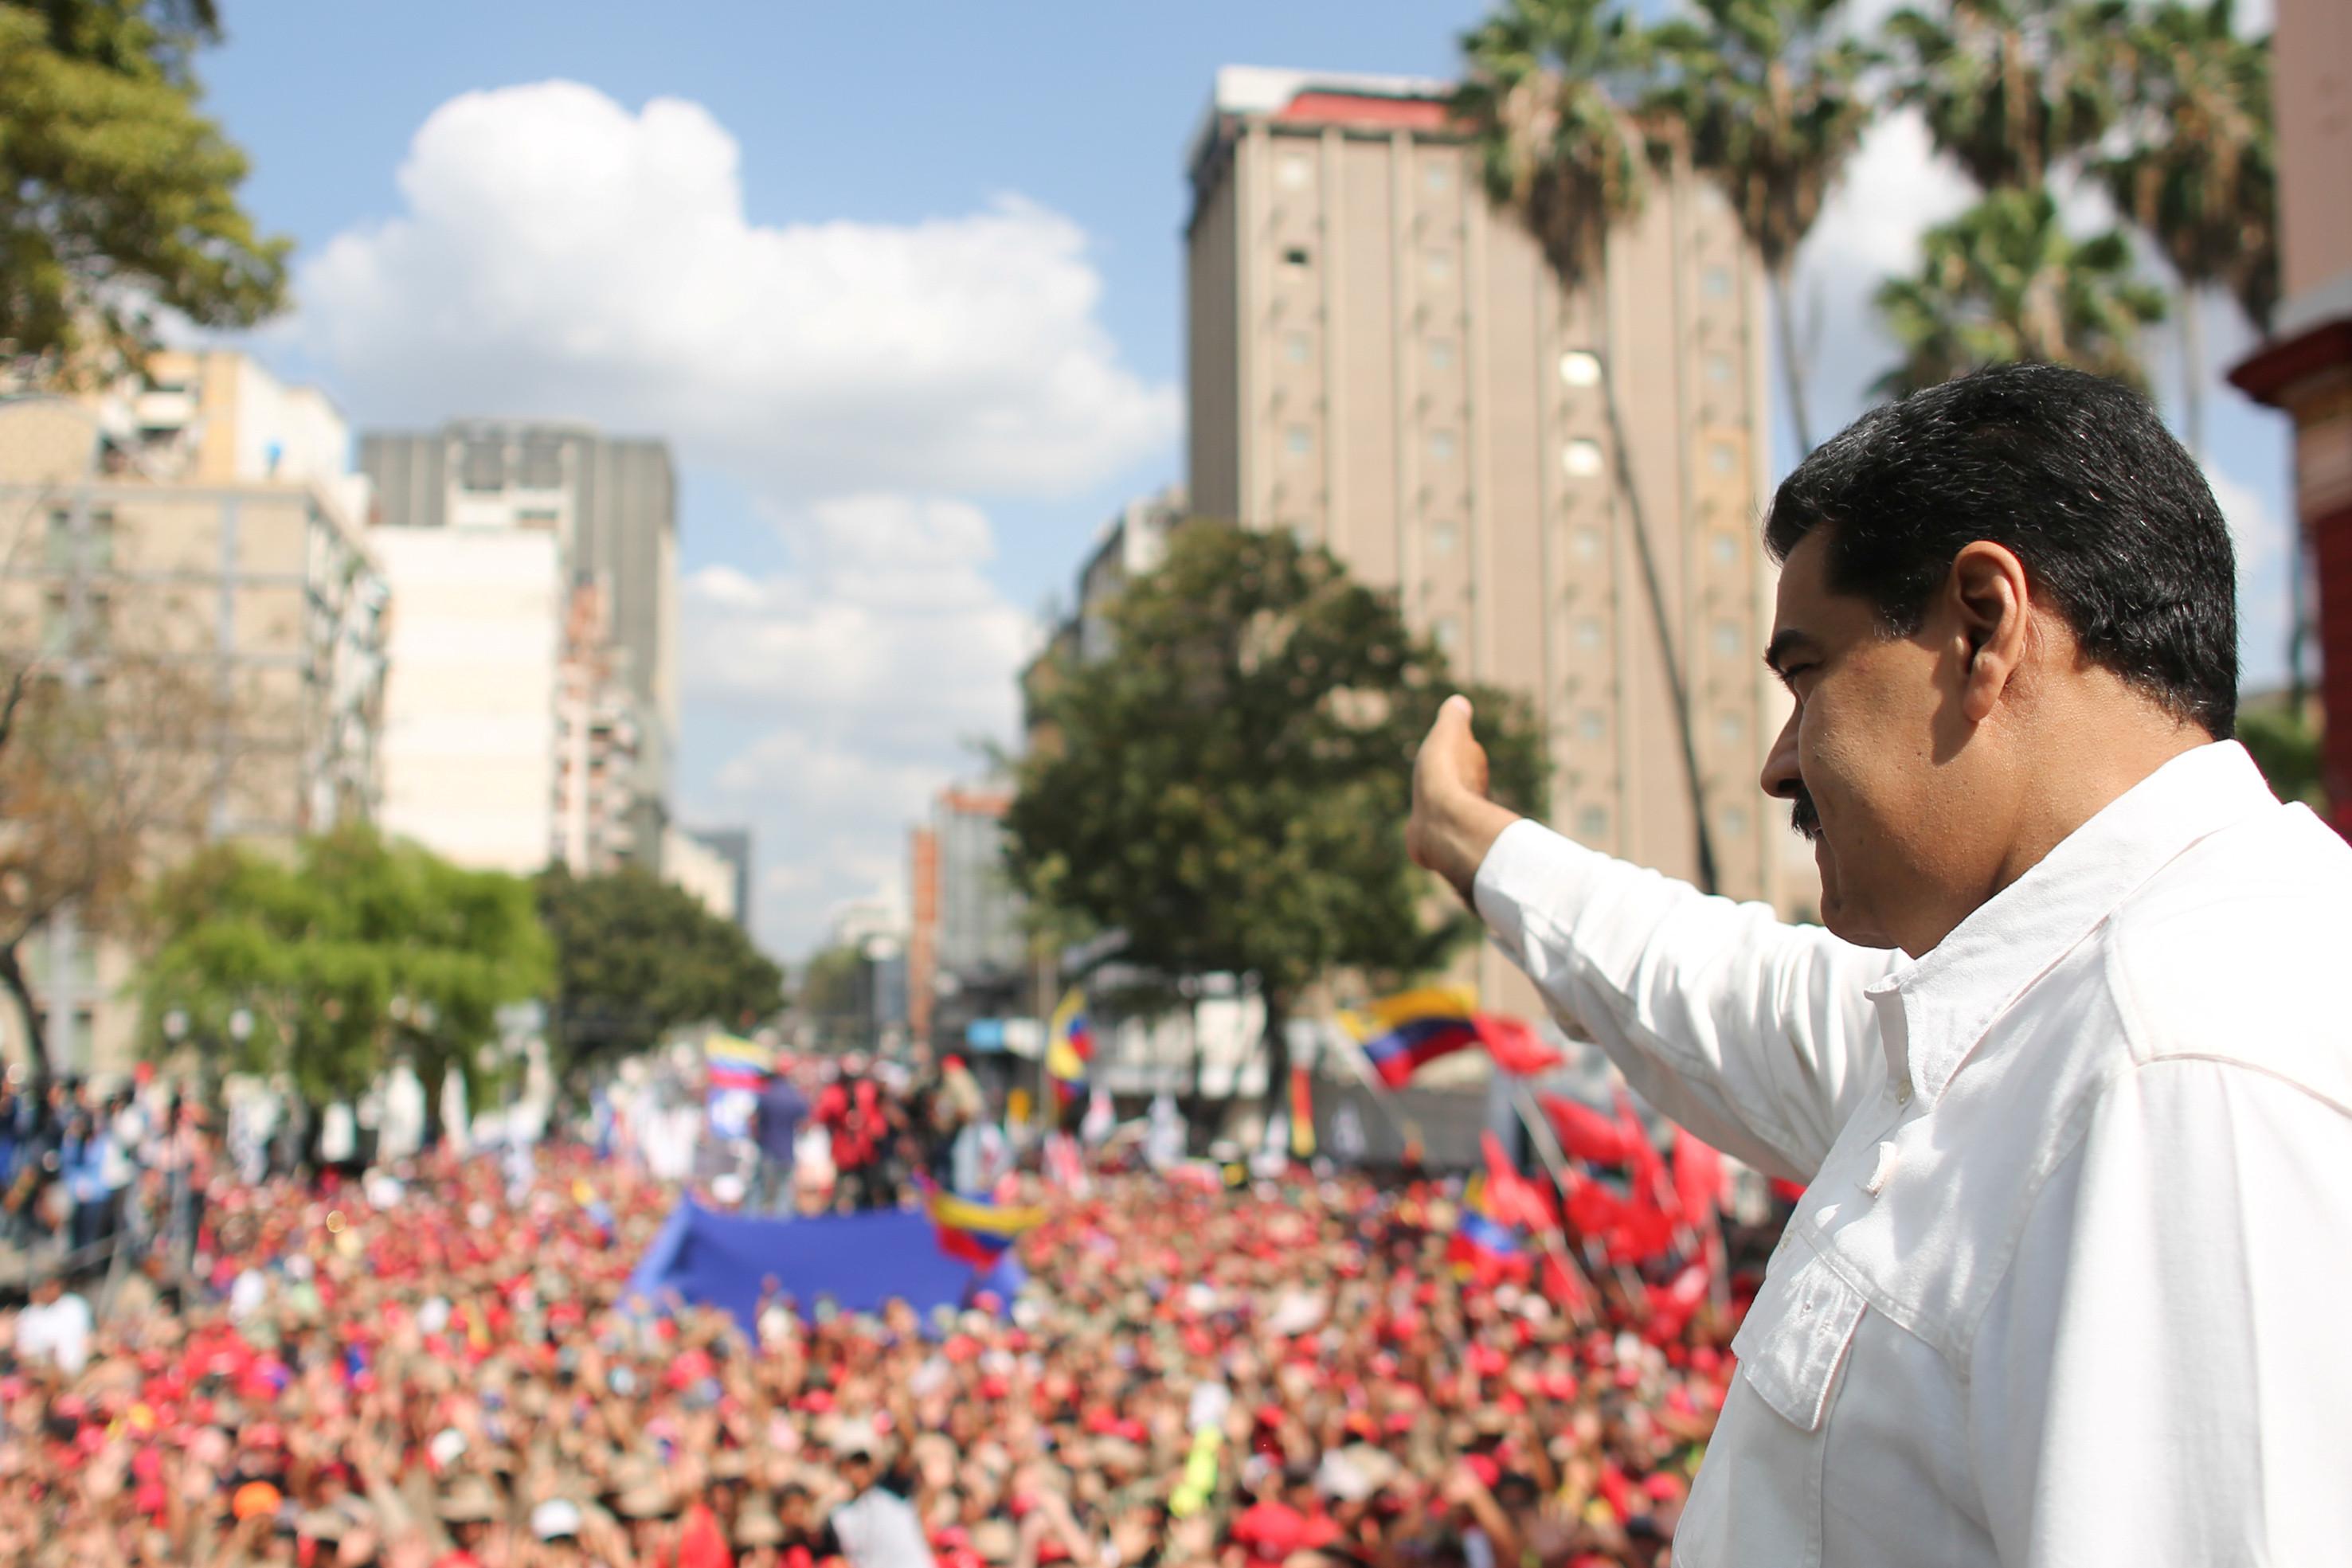 'Aqui ninguém se rende', afirma Maduro após ato em Caracas